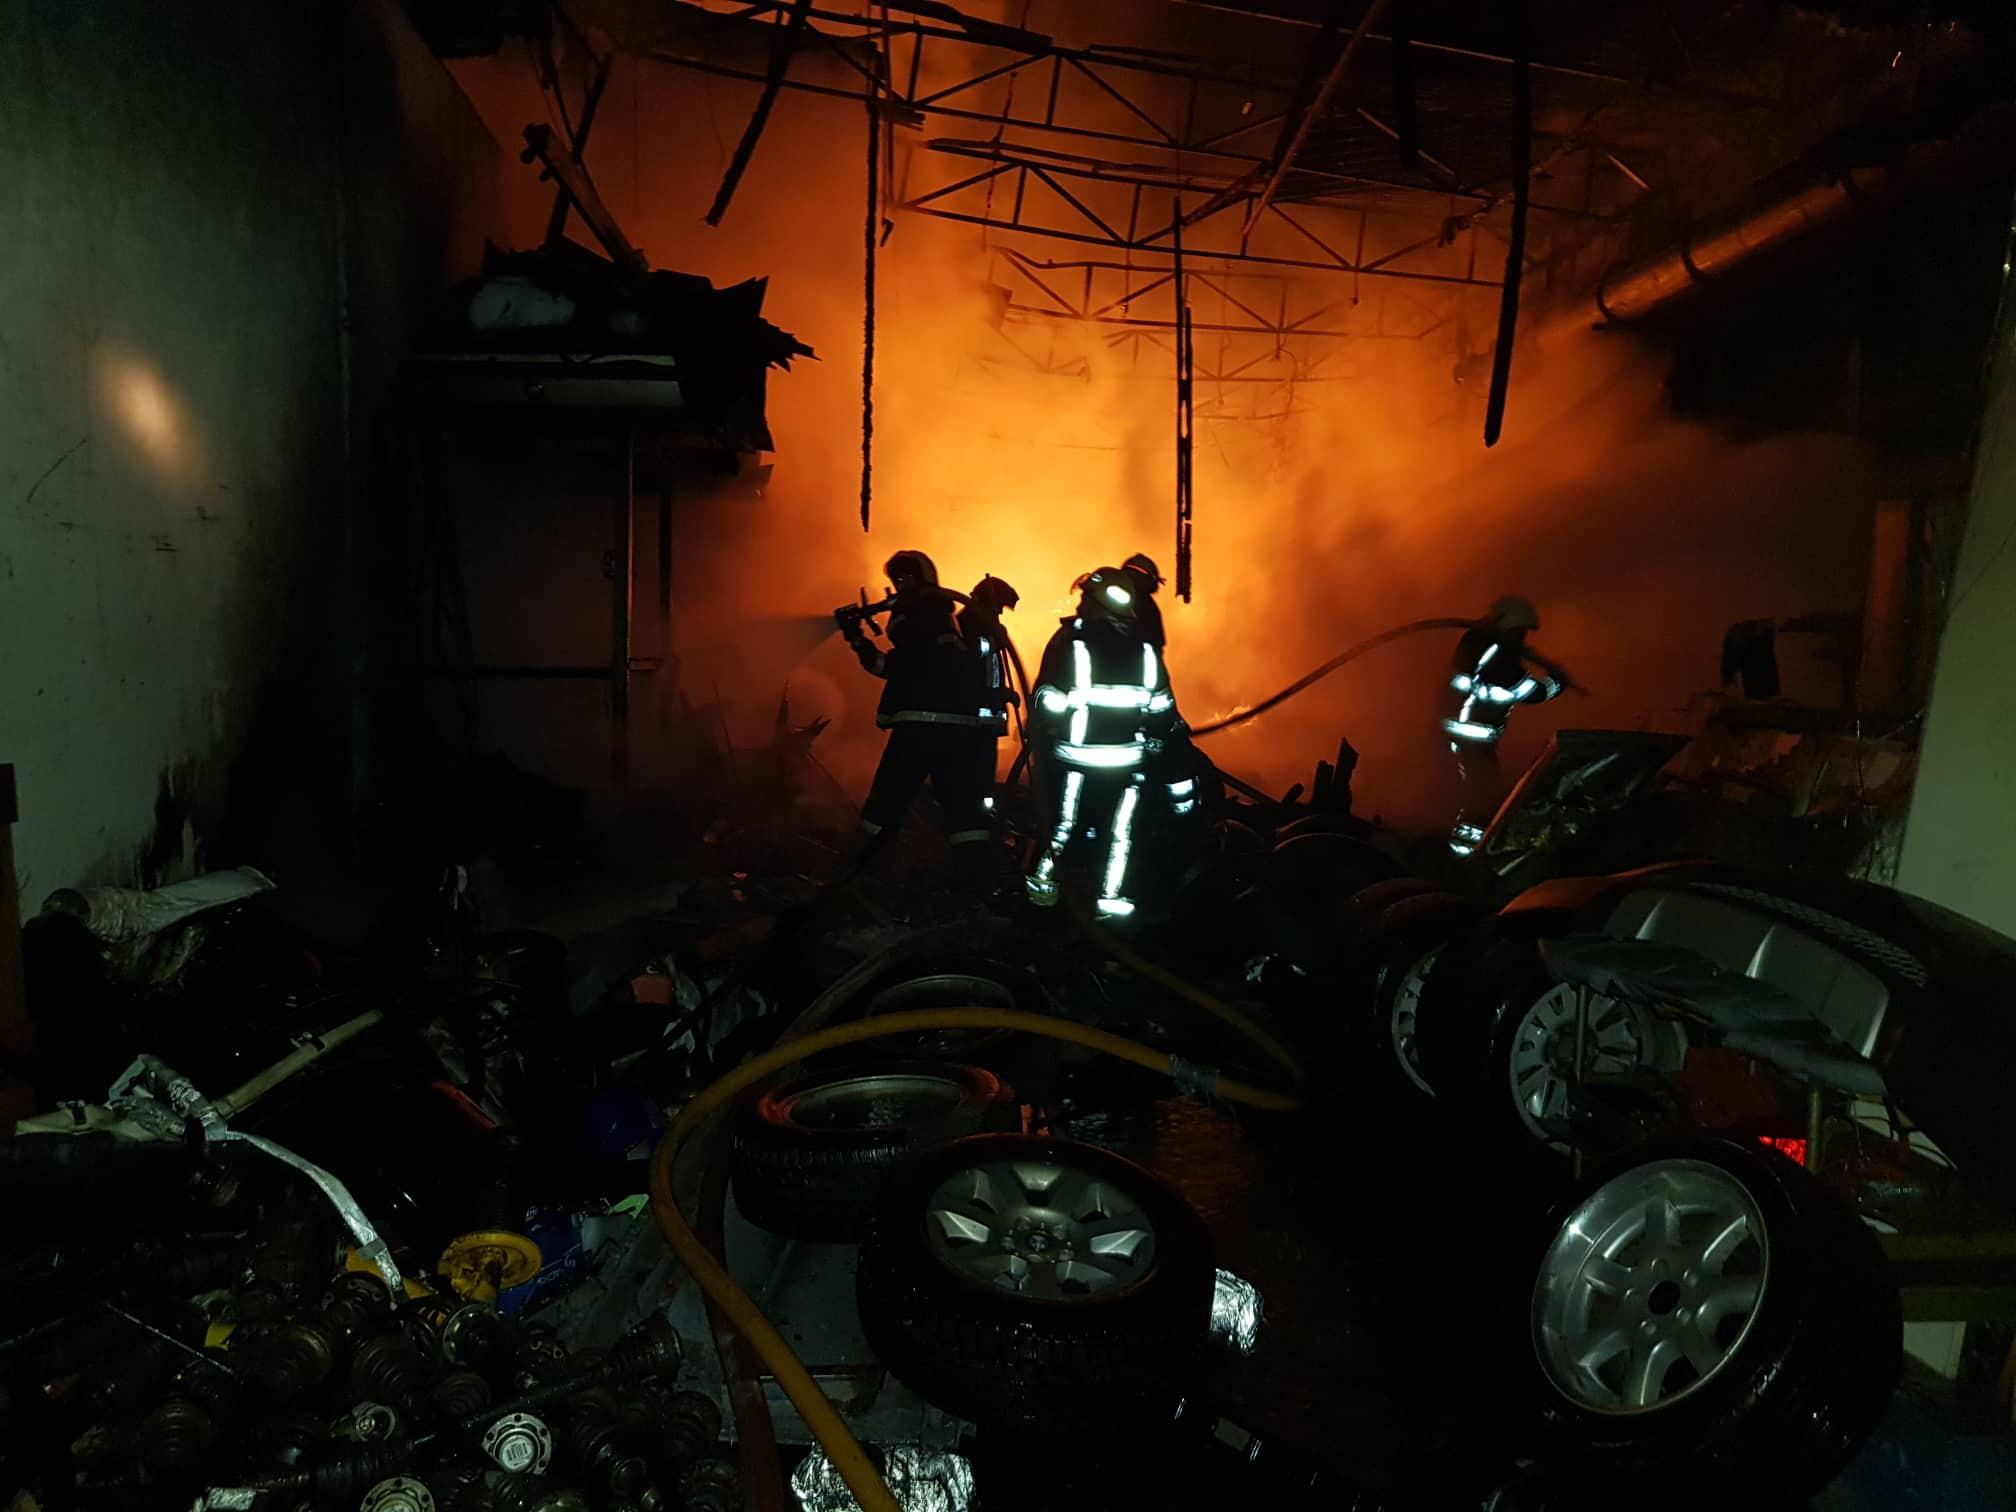 80 человек тушили минувшей ночью крупный пожар на складе в столице (ВИДЕО)